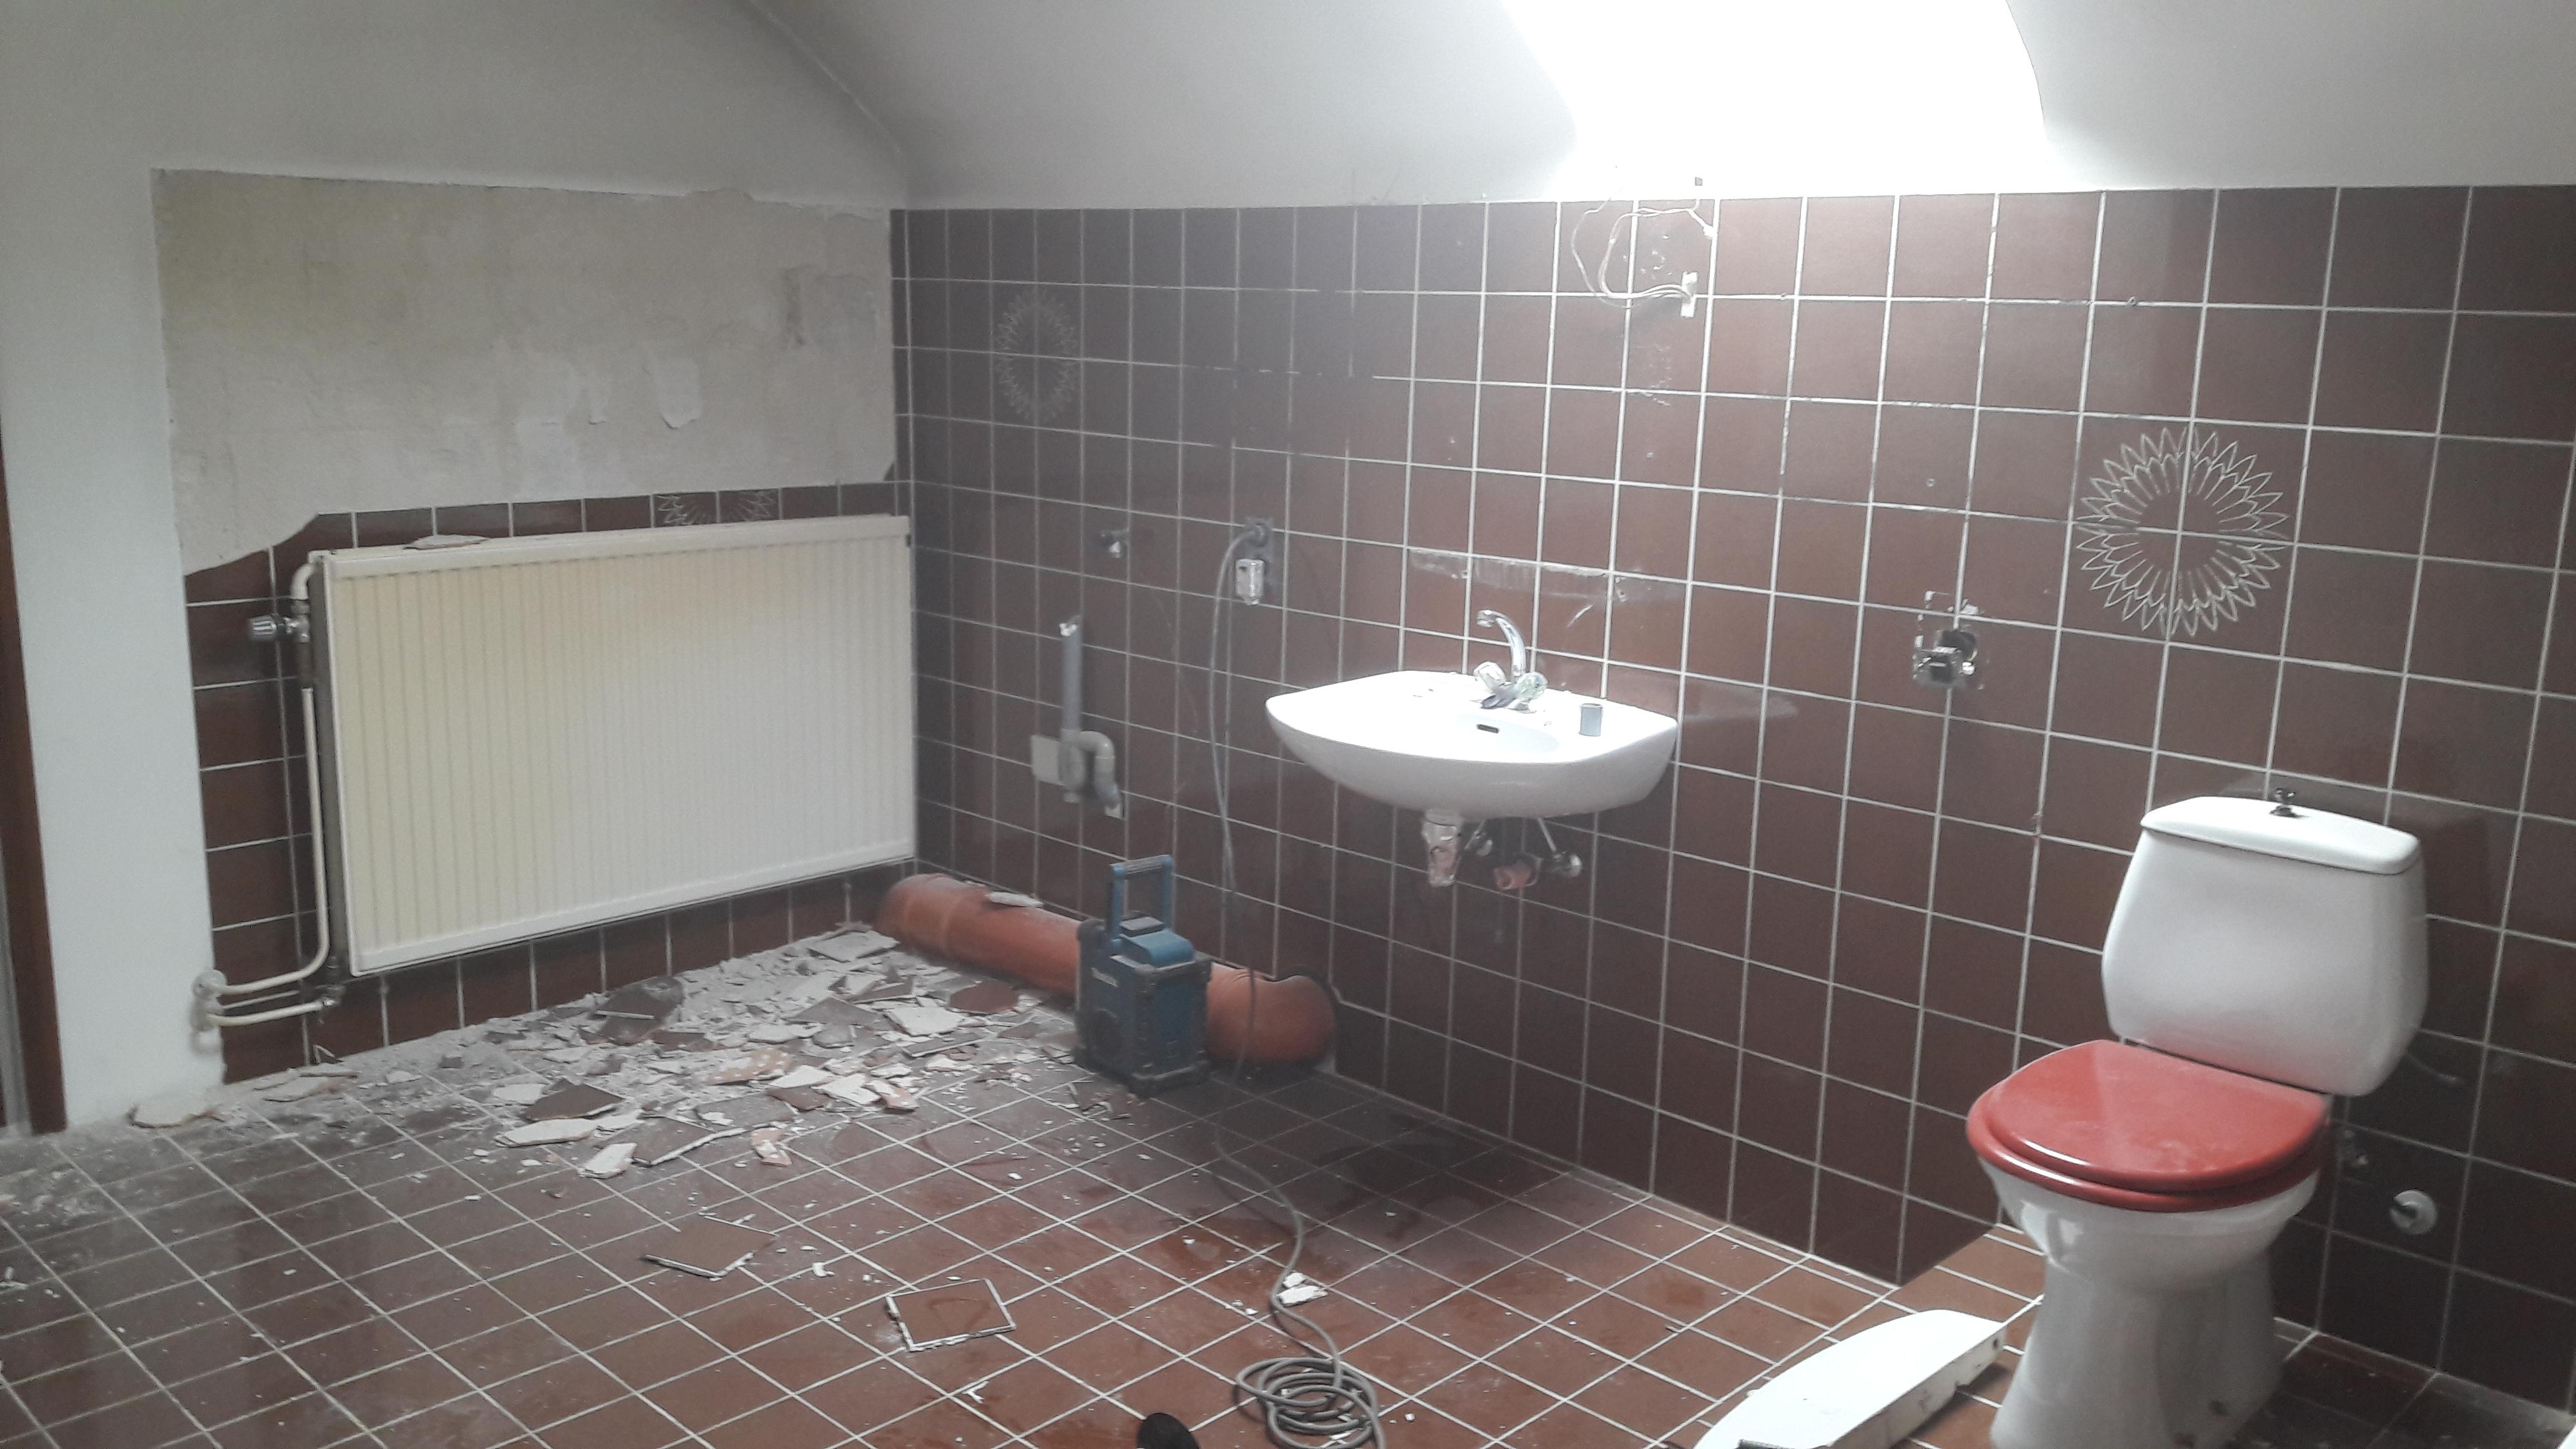 Kit Verwijderen Badkamer : Last van schimmel kitranden alle informatie vindt u op